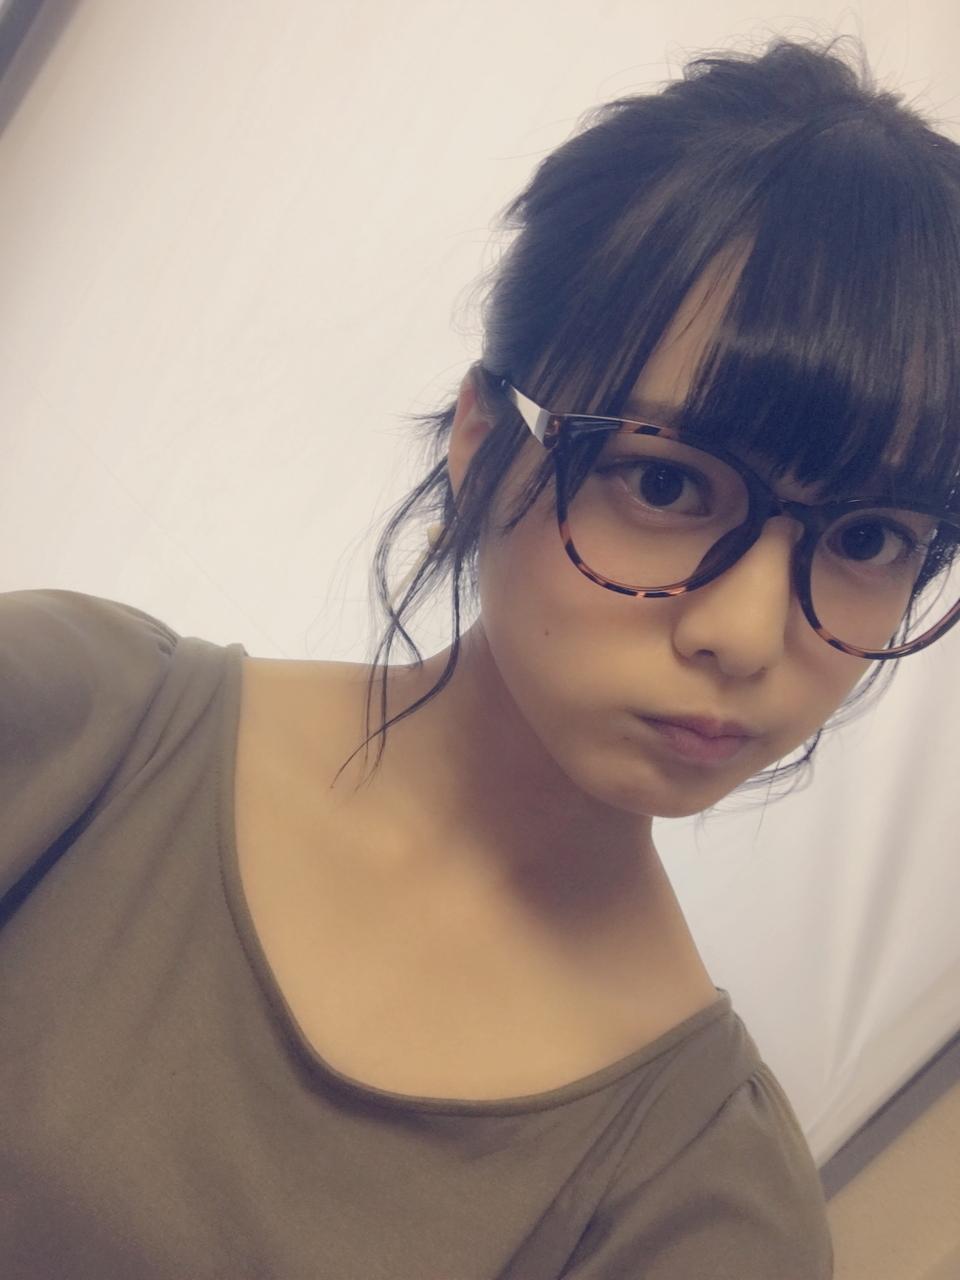 メガネをかけている平手友梨奈